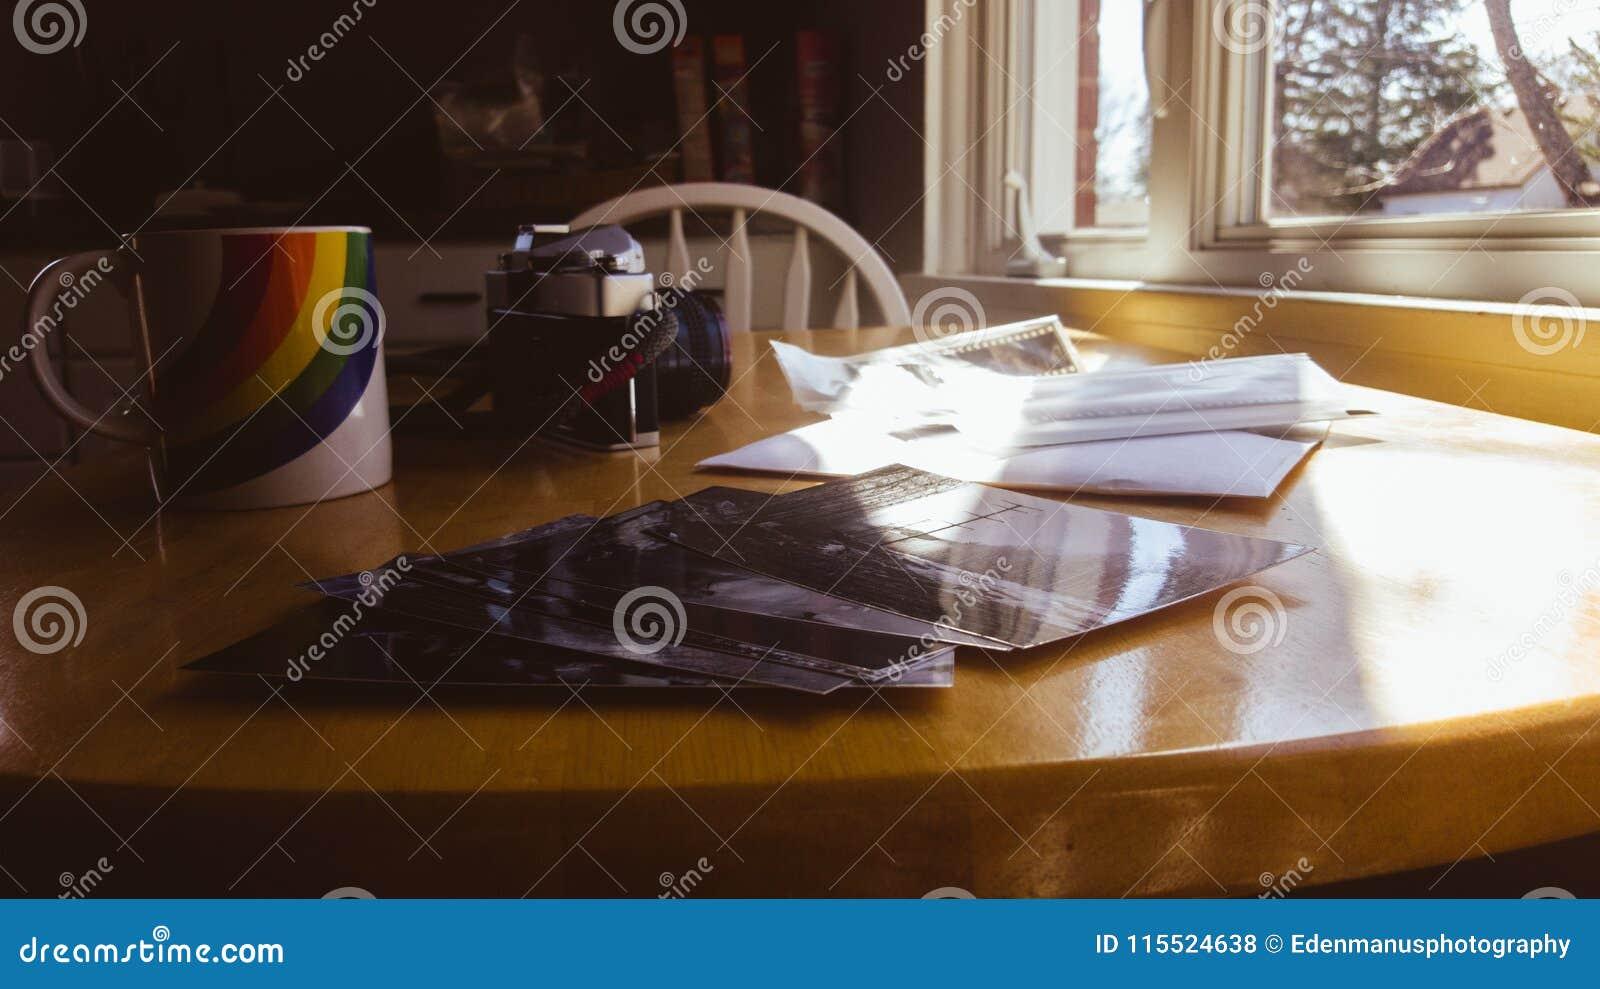 Stampe Da Cucina : Le stampe dannata della foto di sguardo su un tavolo da cucina